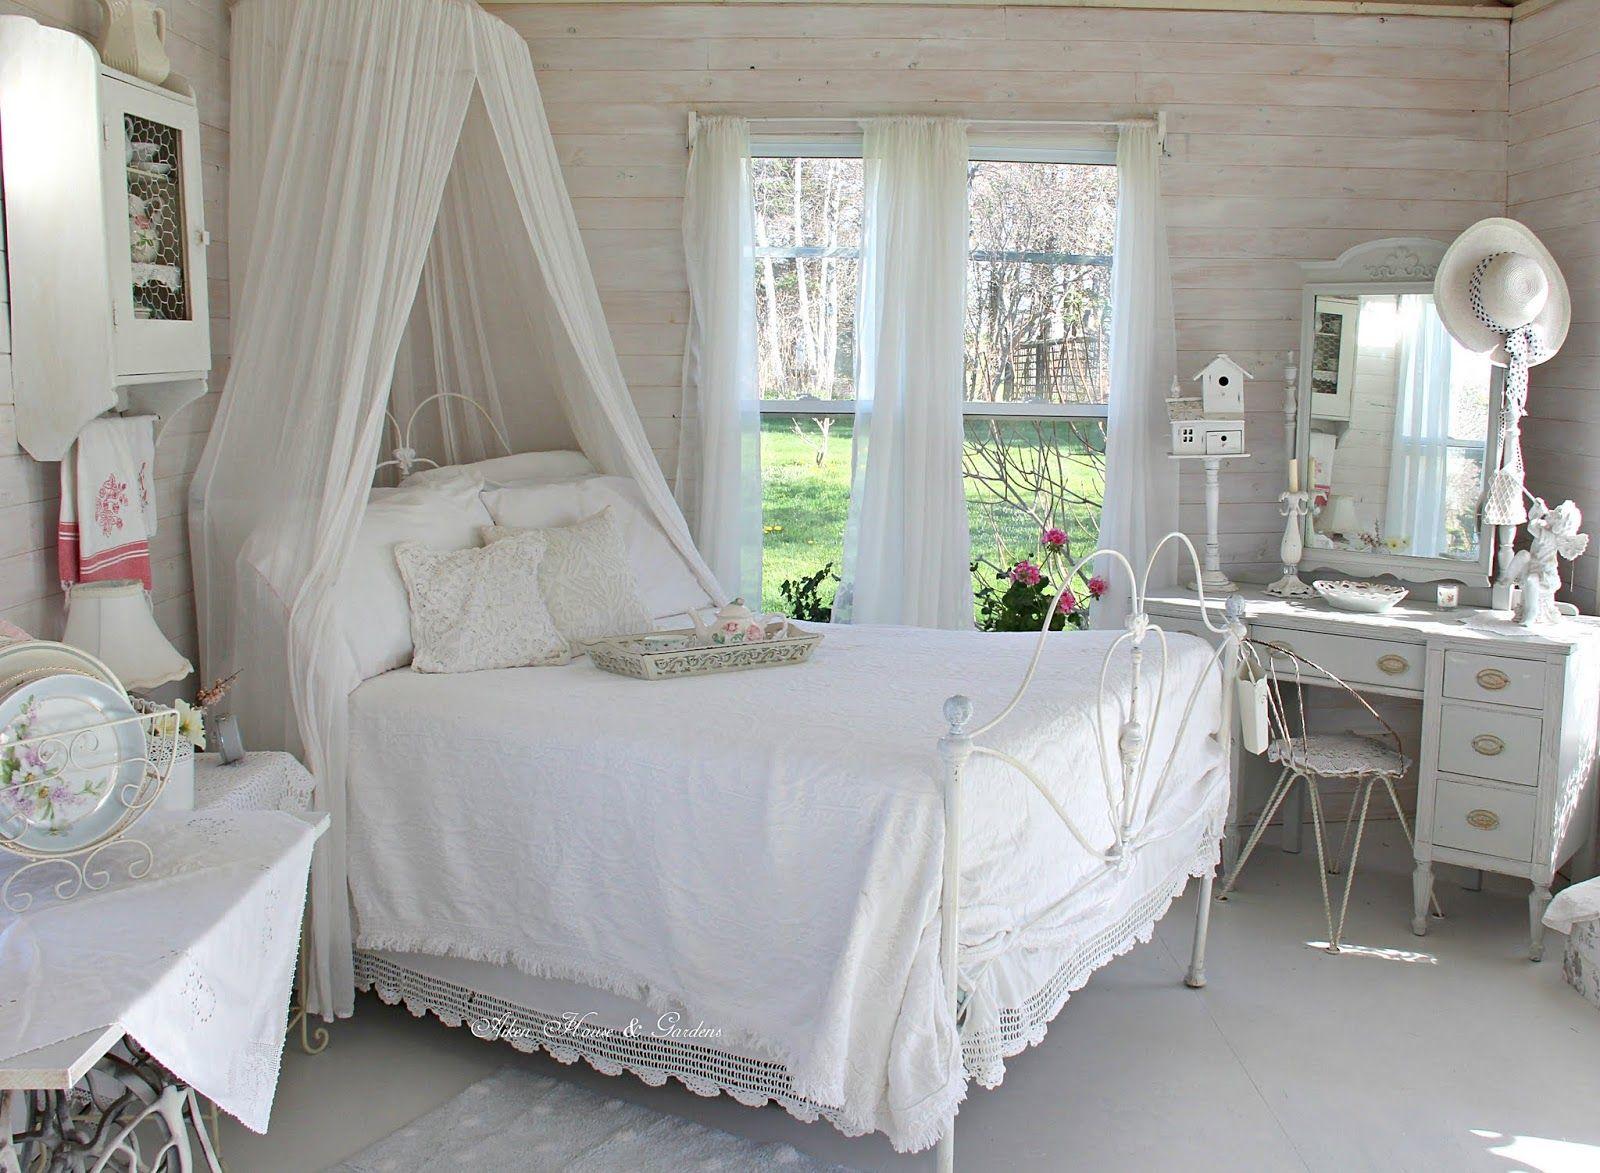 pin von antonia scholze auf mein traumzimmer pinterest schlafzimmer gem tliches zimmer und. Black Bedroom Furniture Sets. Home Design Ideas